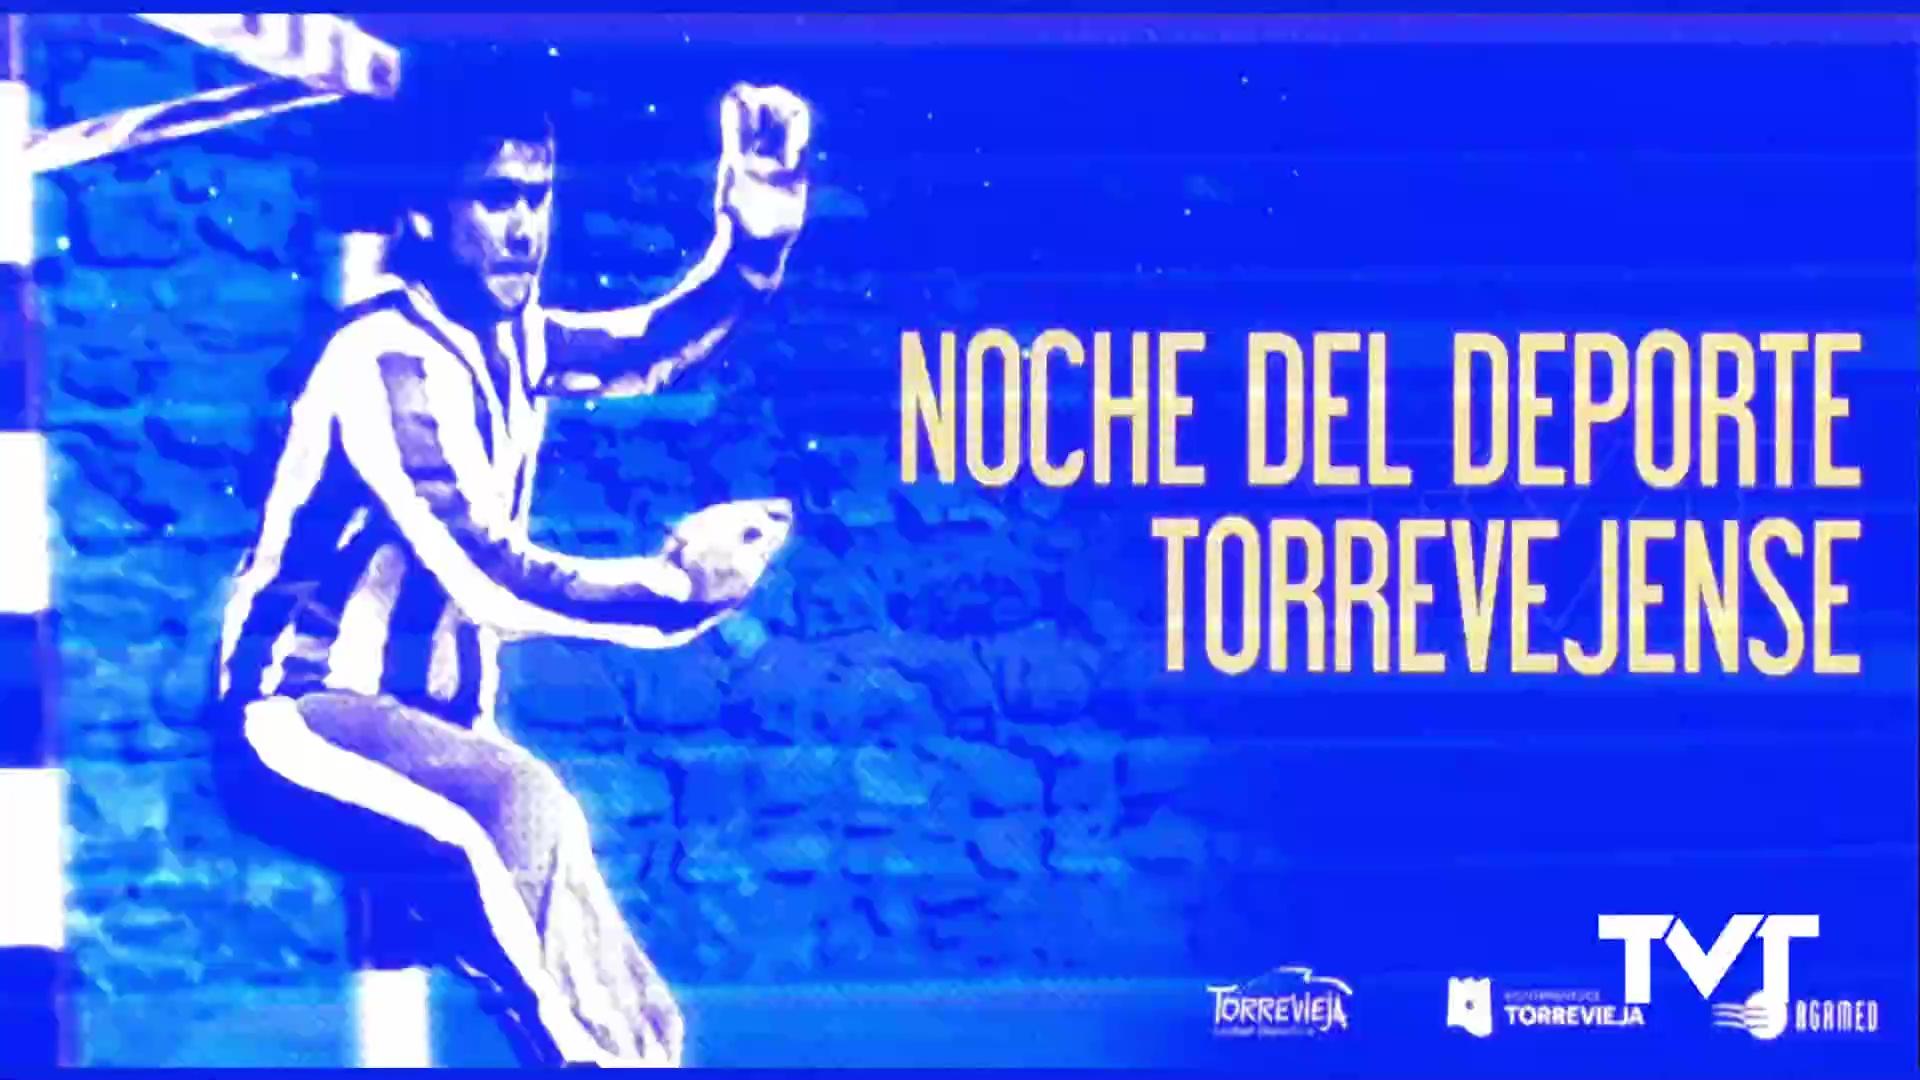 Noche del Deporte Torrevejense